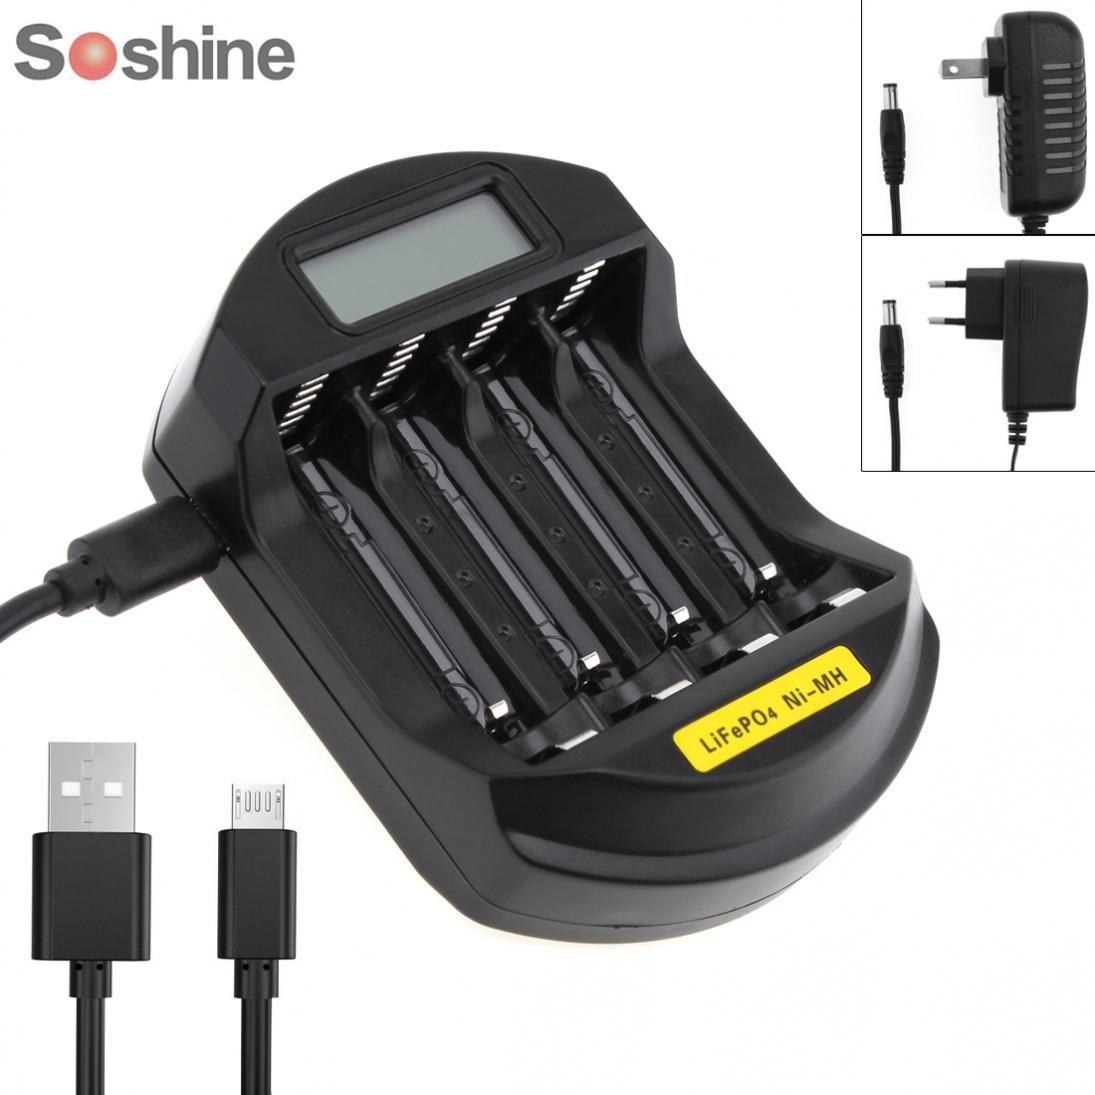 Soshine LCD affichage LifePO4 NI-MH 4 fentes chargeur de batterie Intelligent pour batterie 14500/14400/AA/AAA avec prise ue/US